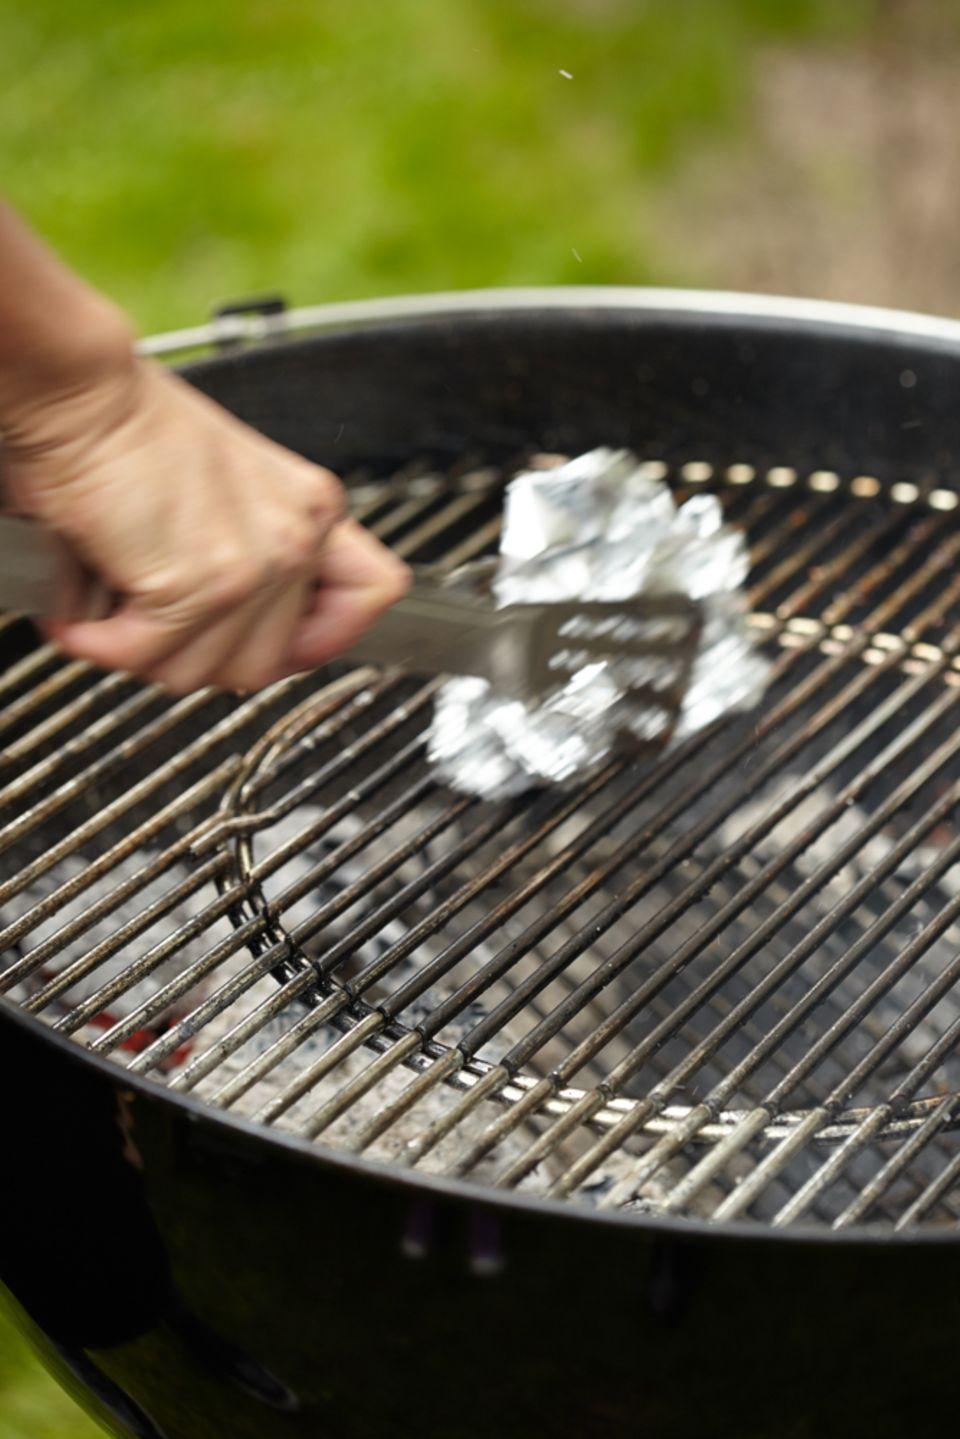 Alufolie - der ultimative Trick für einen sauberen Grill!